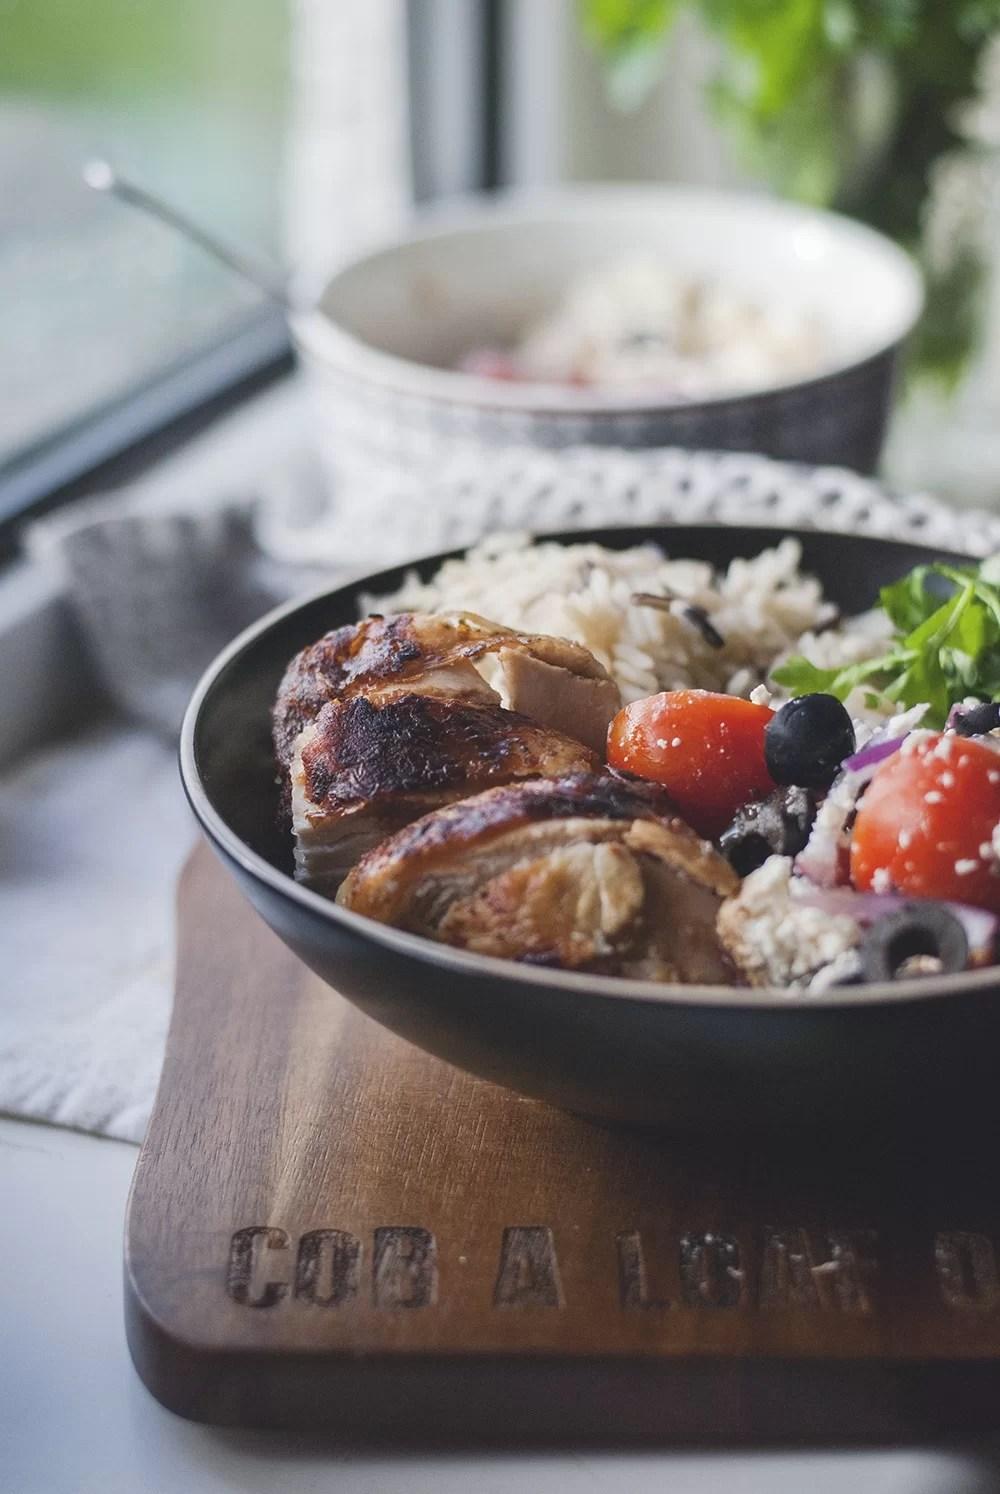 Piersi z kurczaka doprawione octem balsamicznym